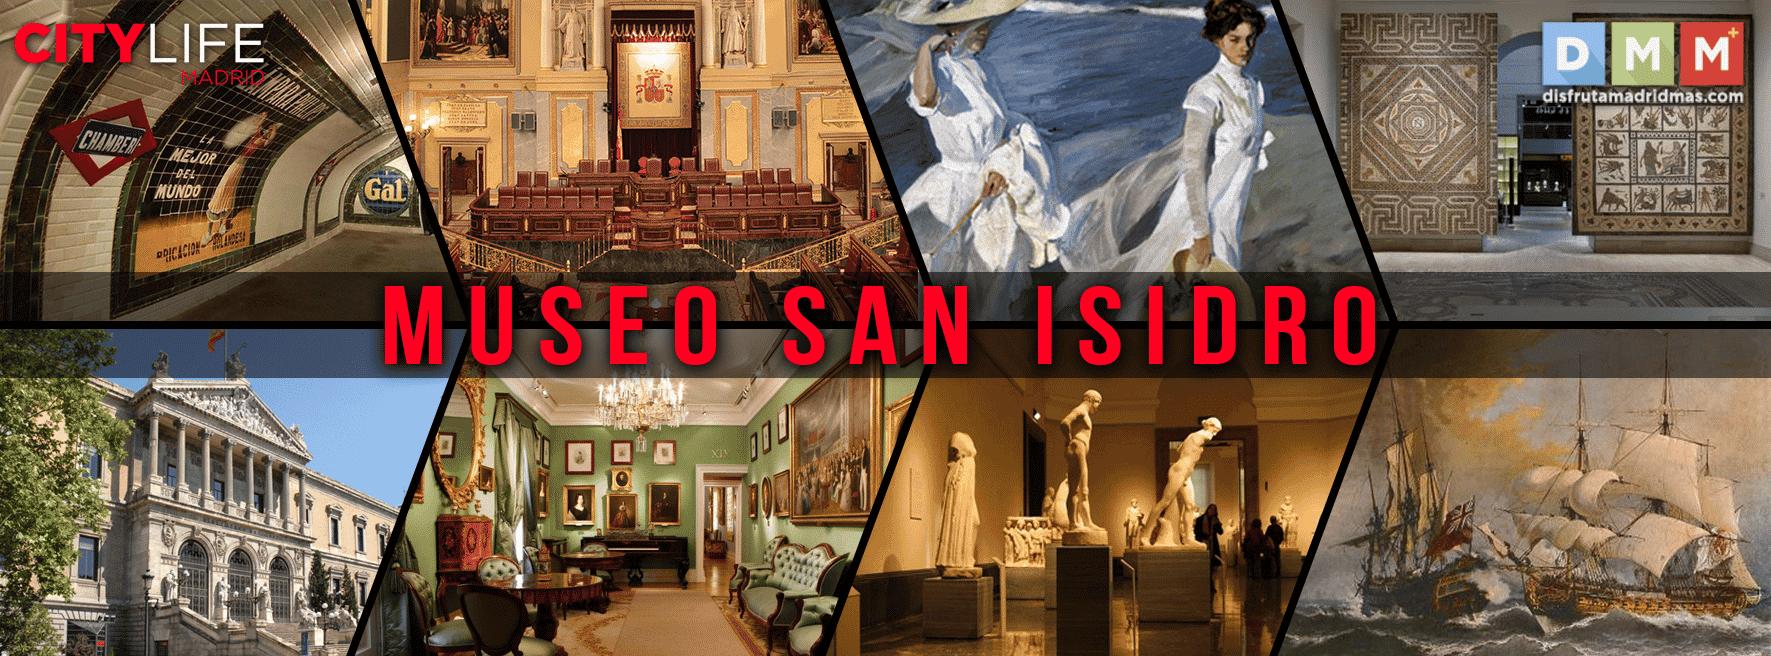 FREE TOUR: MUSEO DE SAN ISIDRO